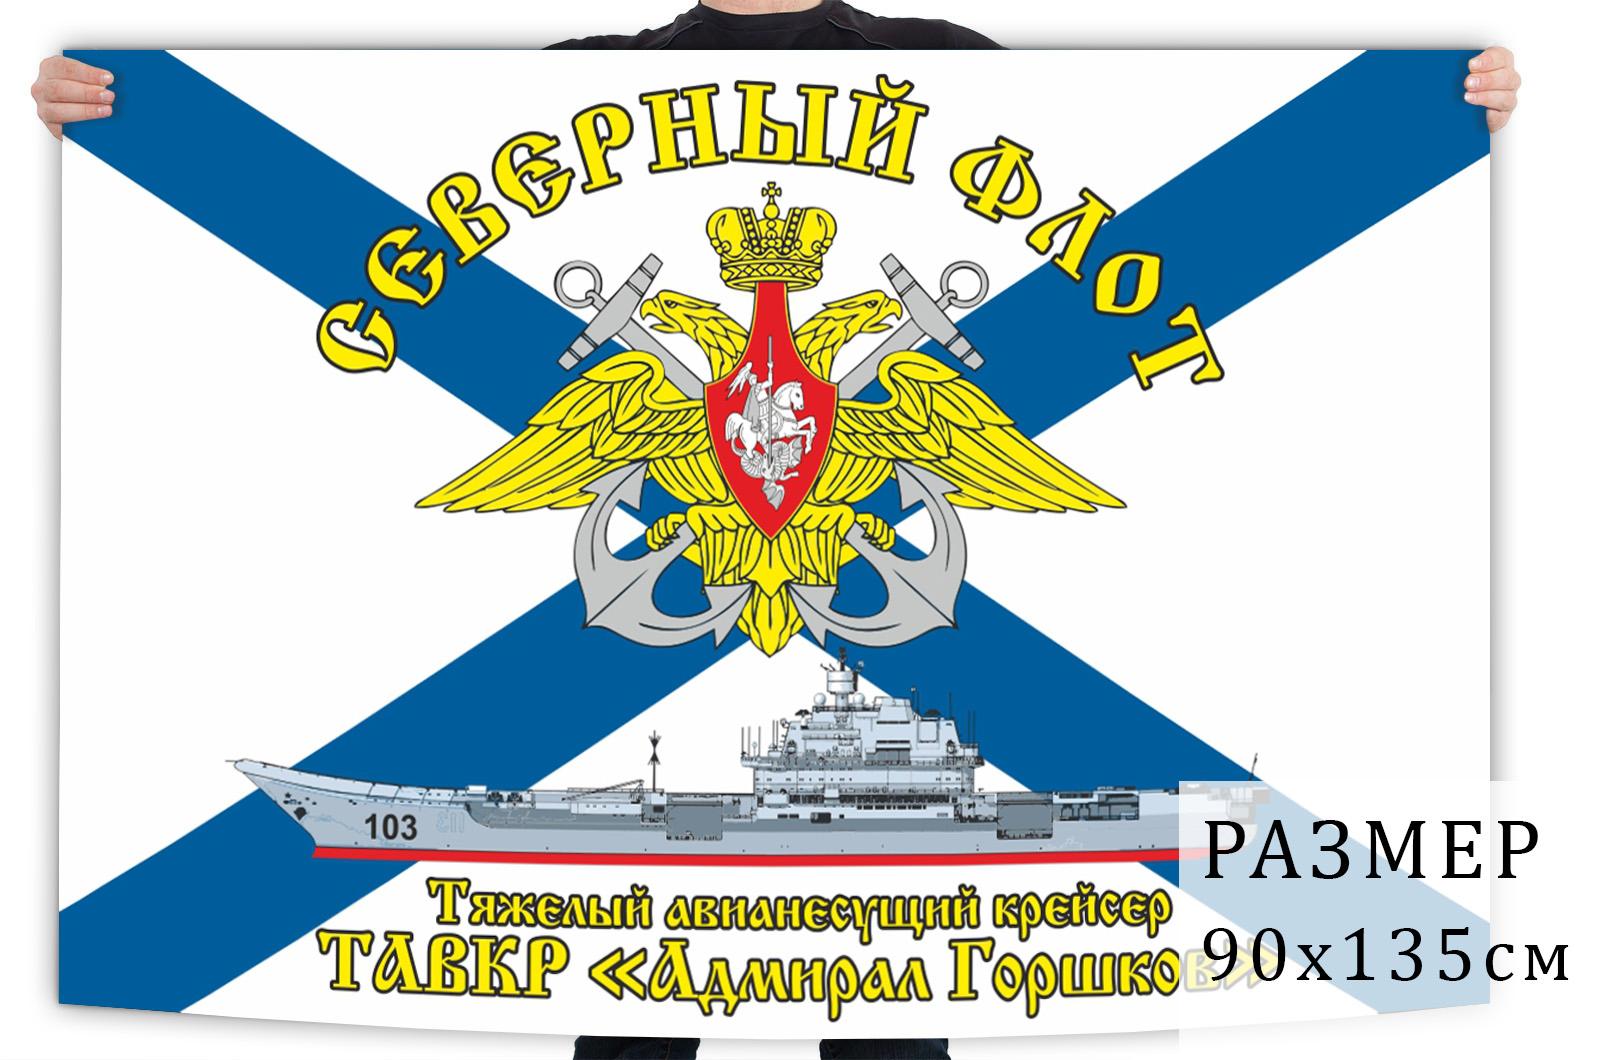 Заказать у производителя флаг ТАВКР Адмирал Горшков Северный флот